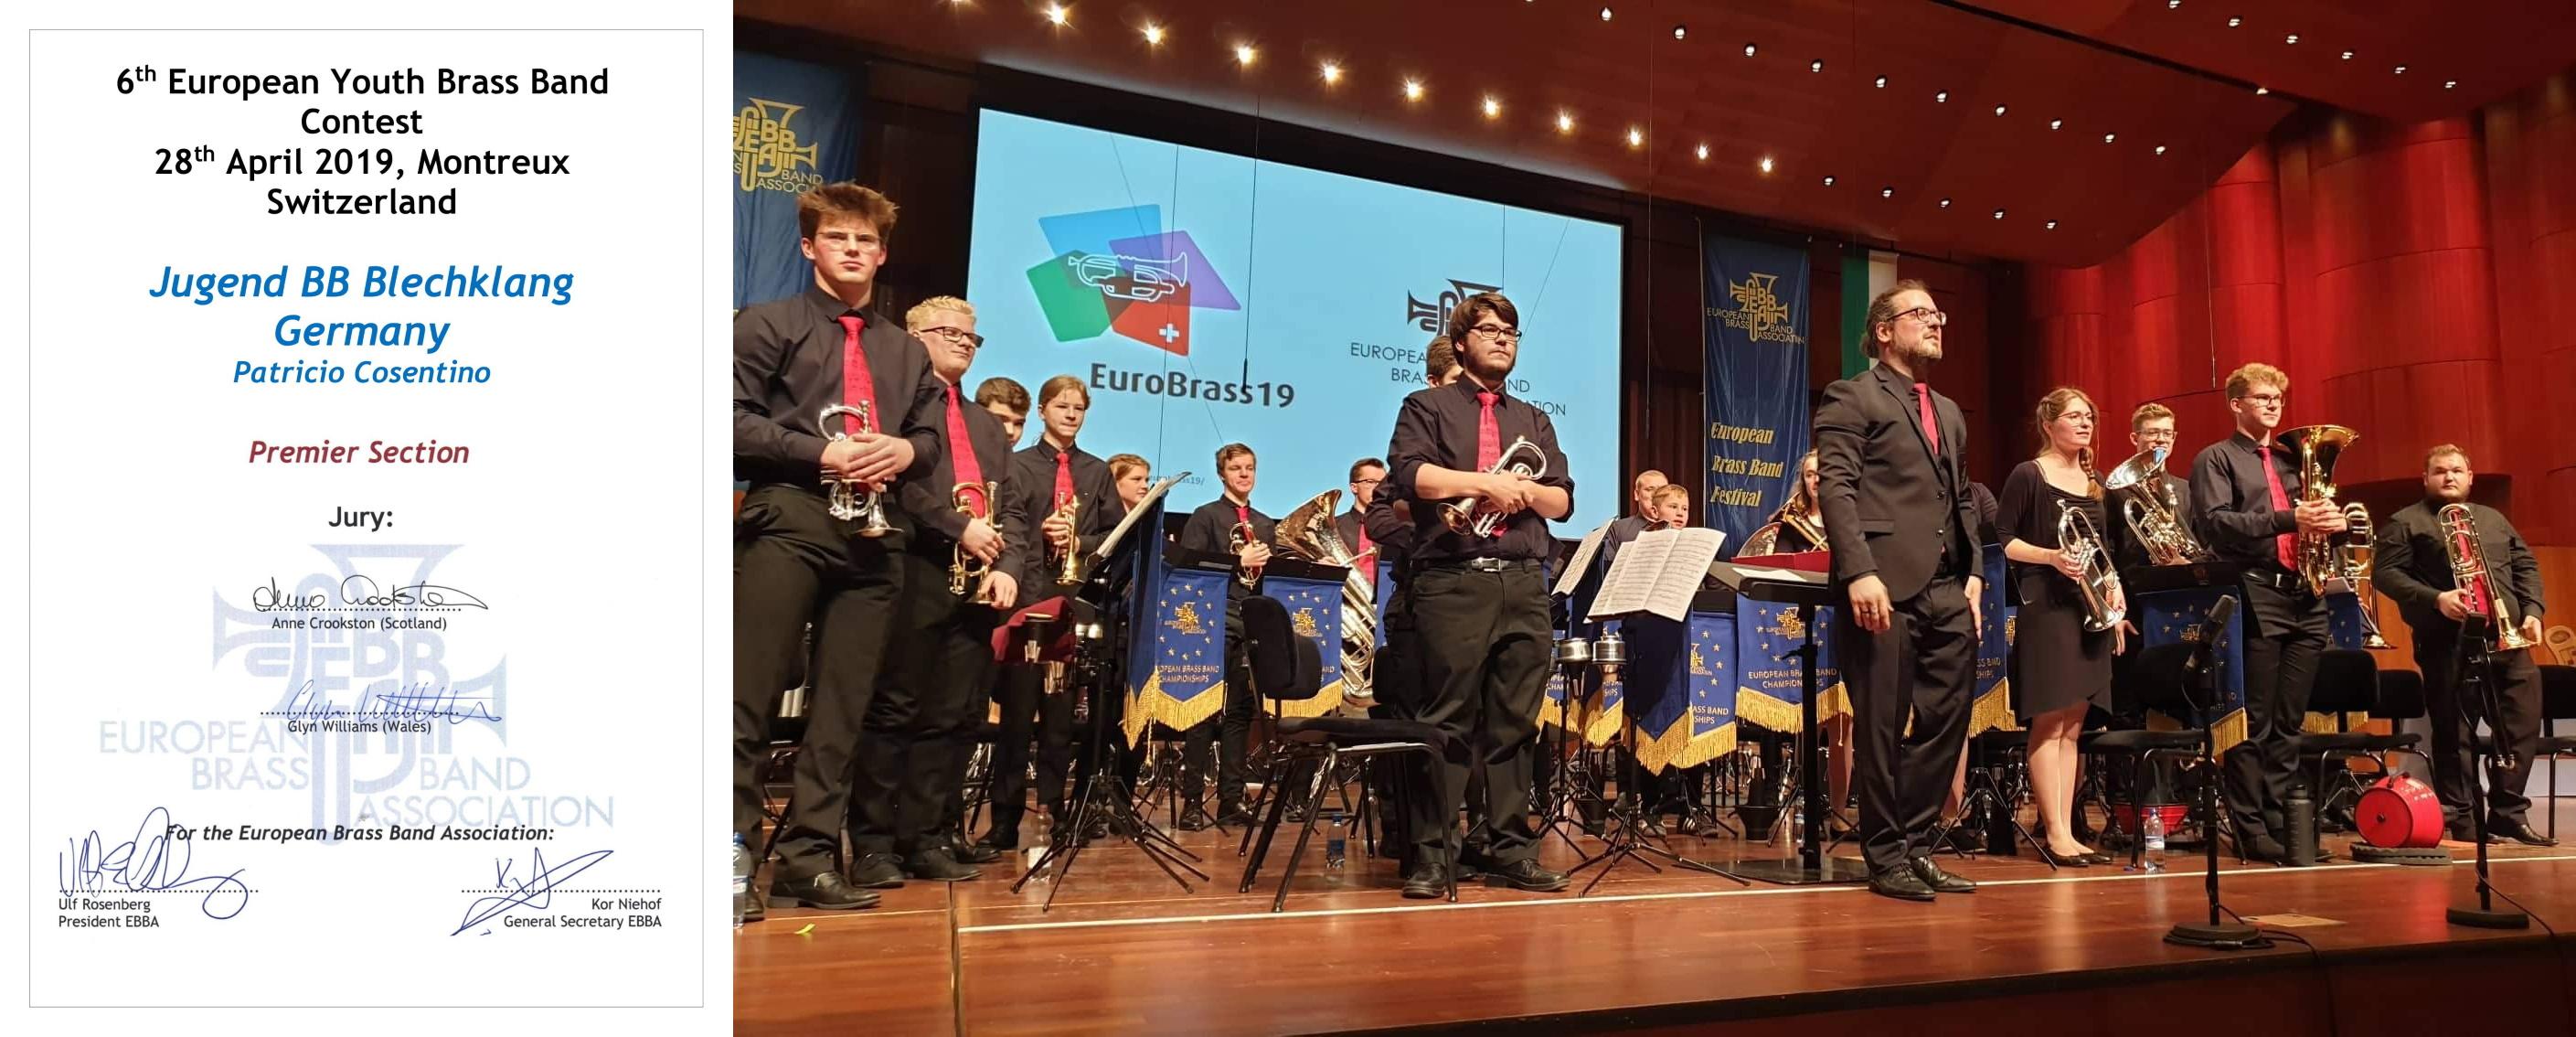 Jugend Brass Band BlechKLANG Montreux Meisterschaft Urkunde